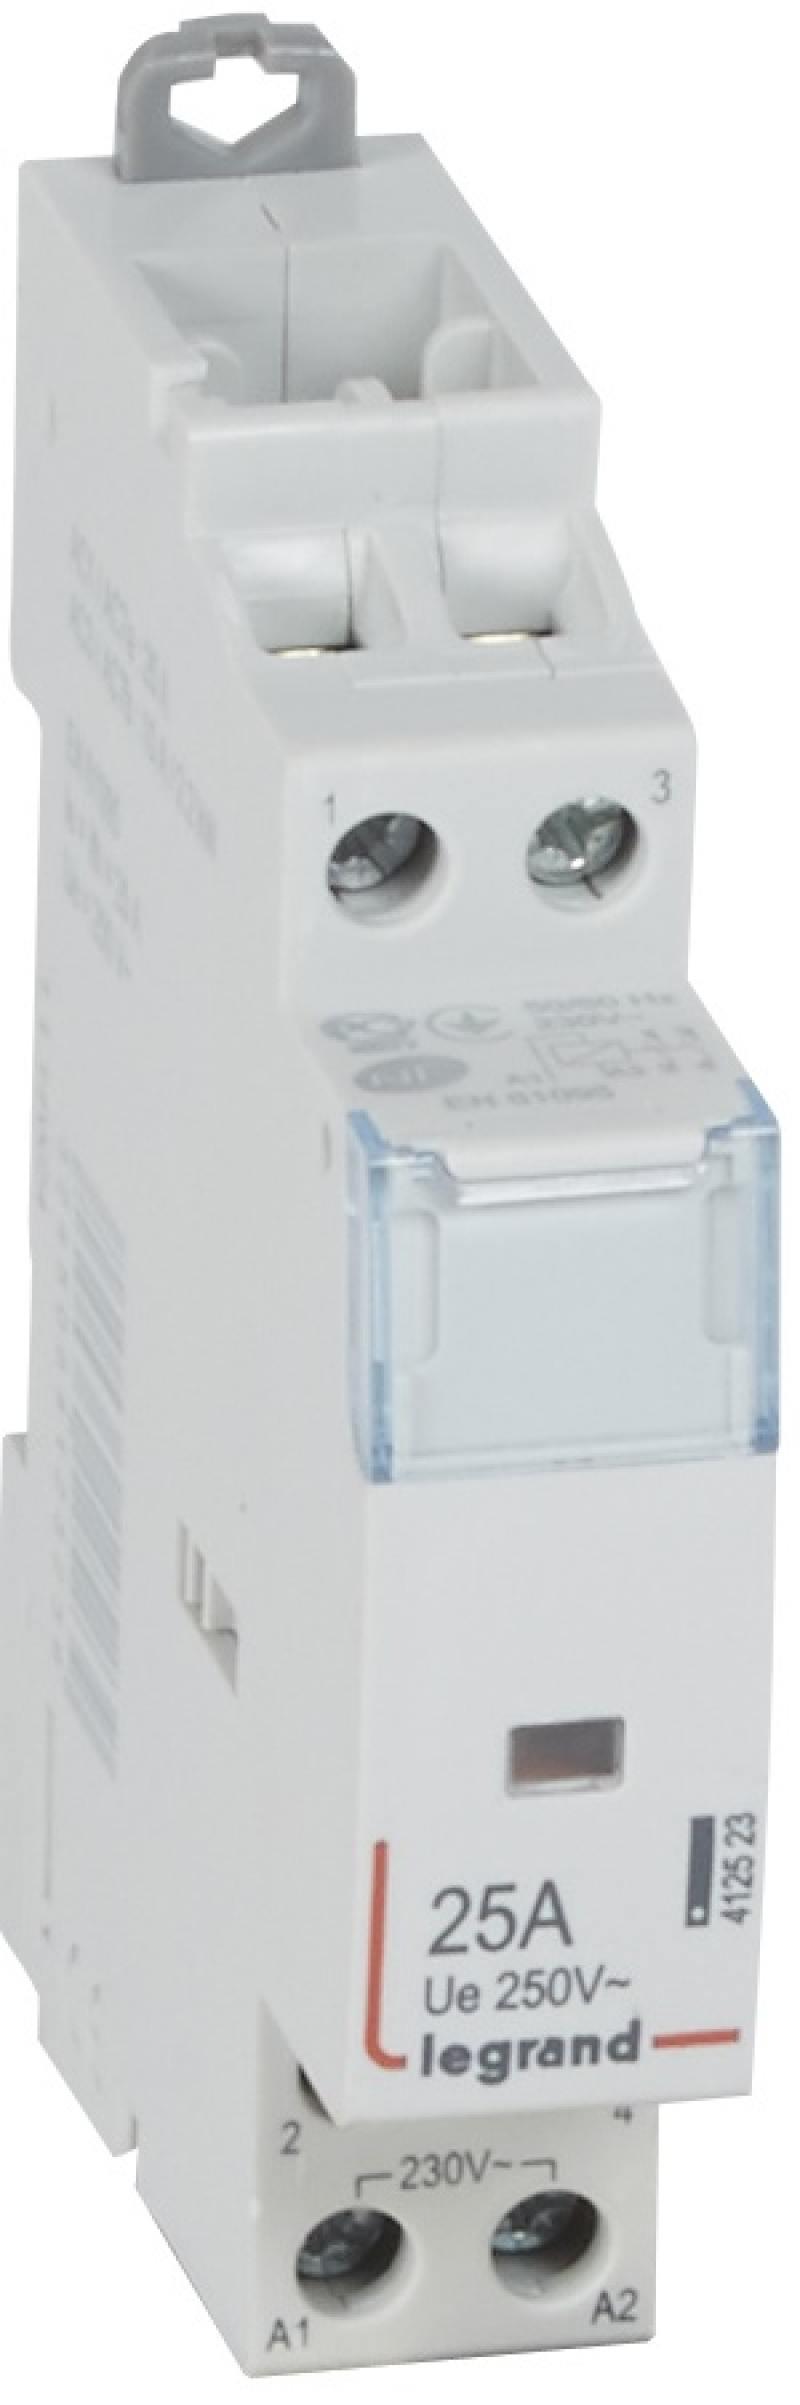 Контактор Legrand CX3 230V 2НО 25А 412523